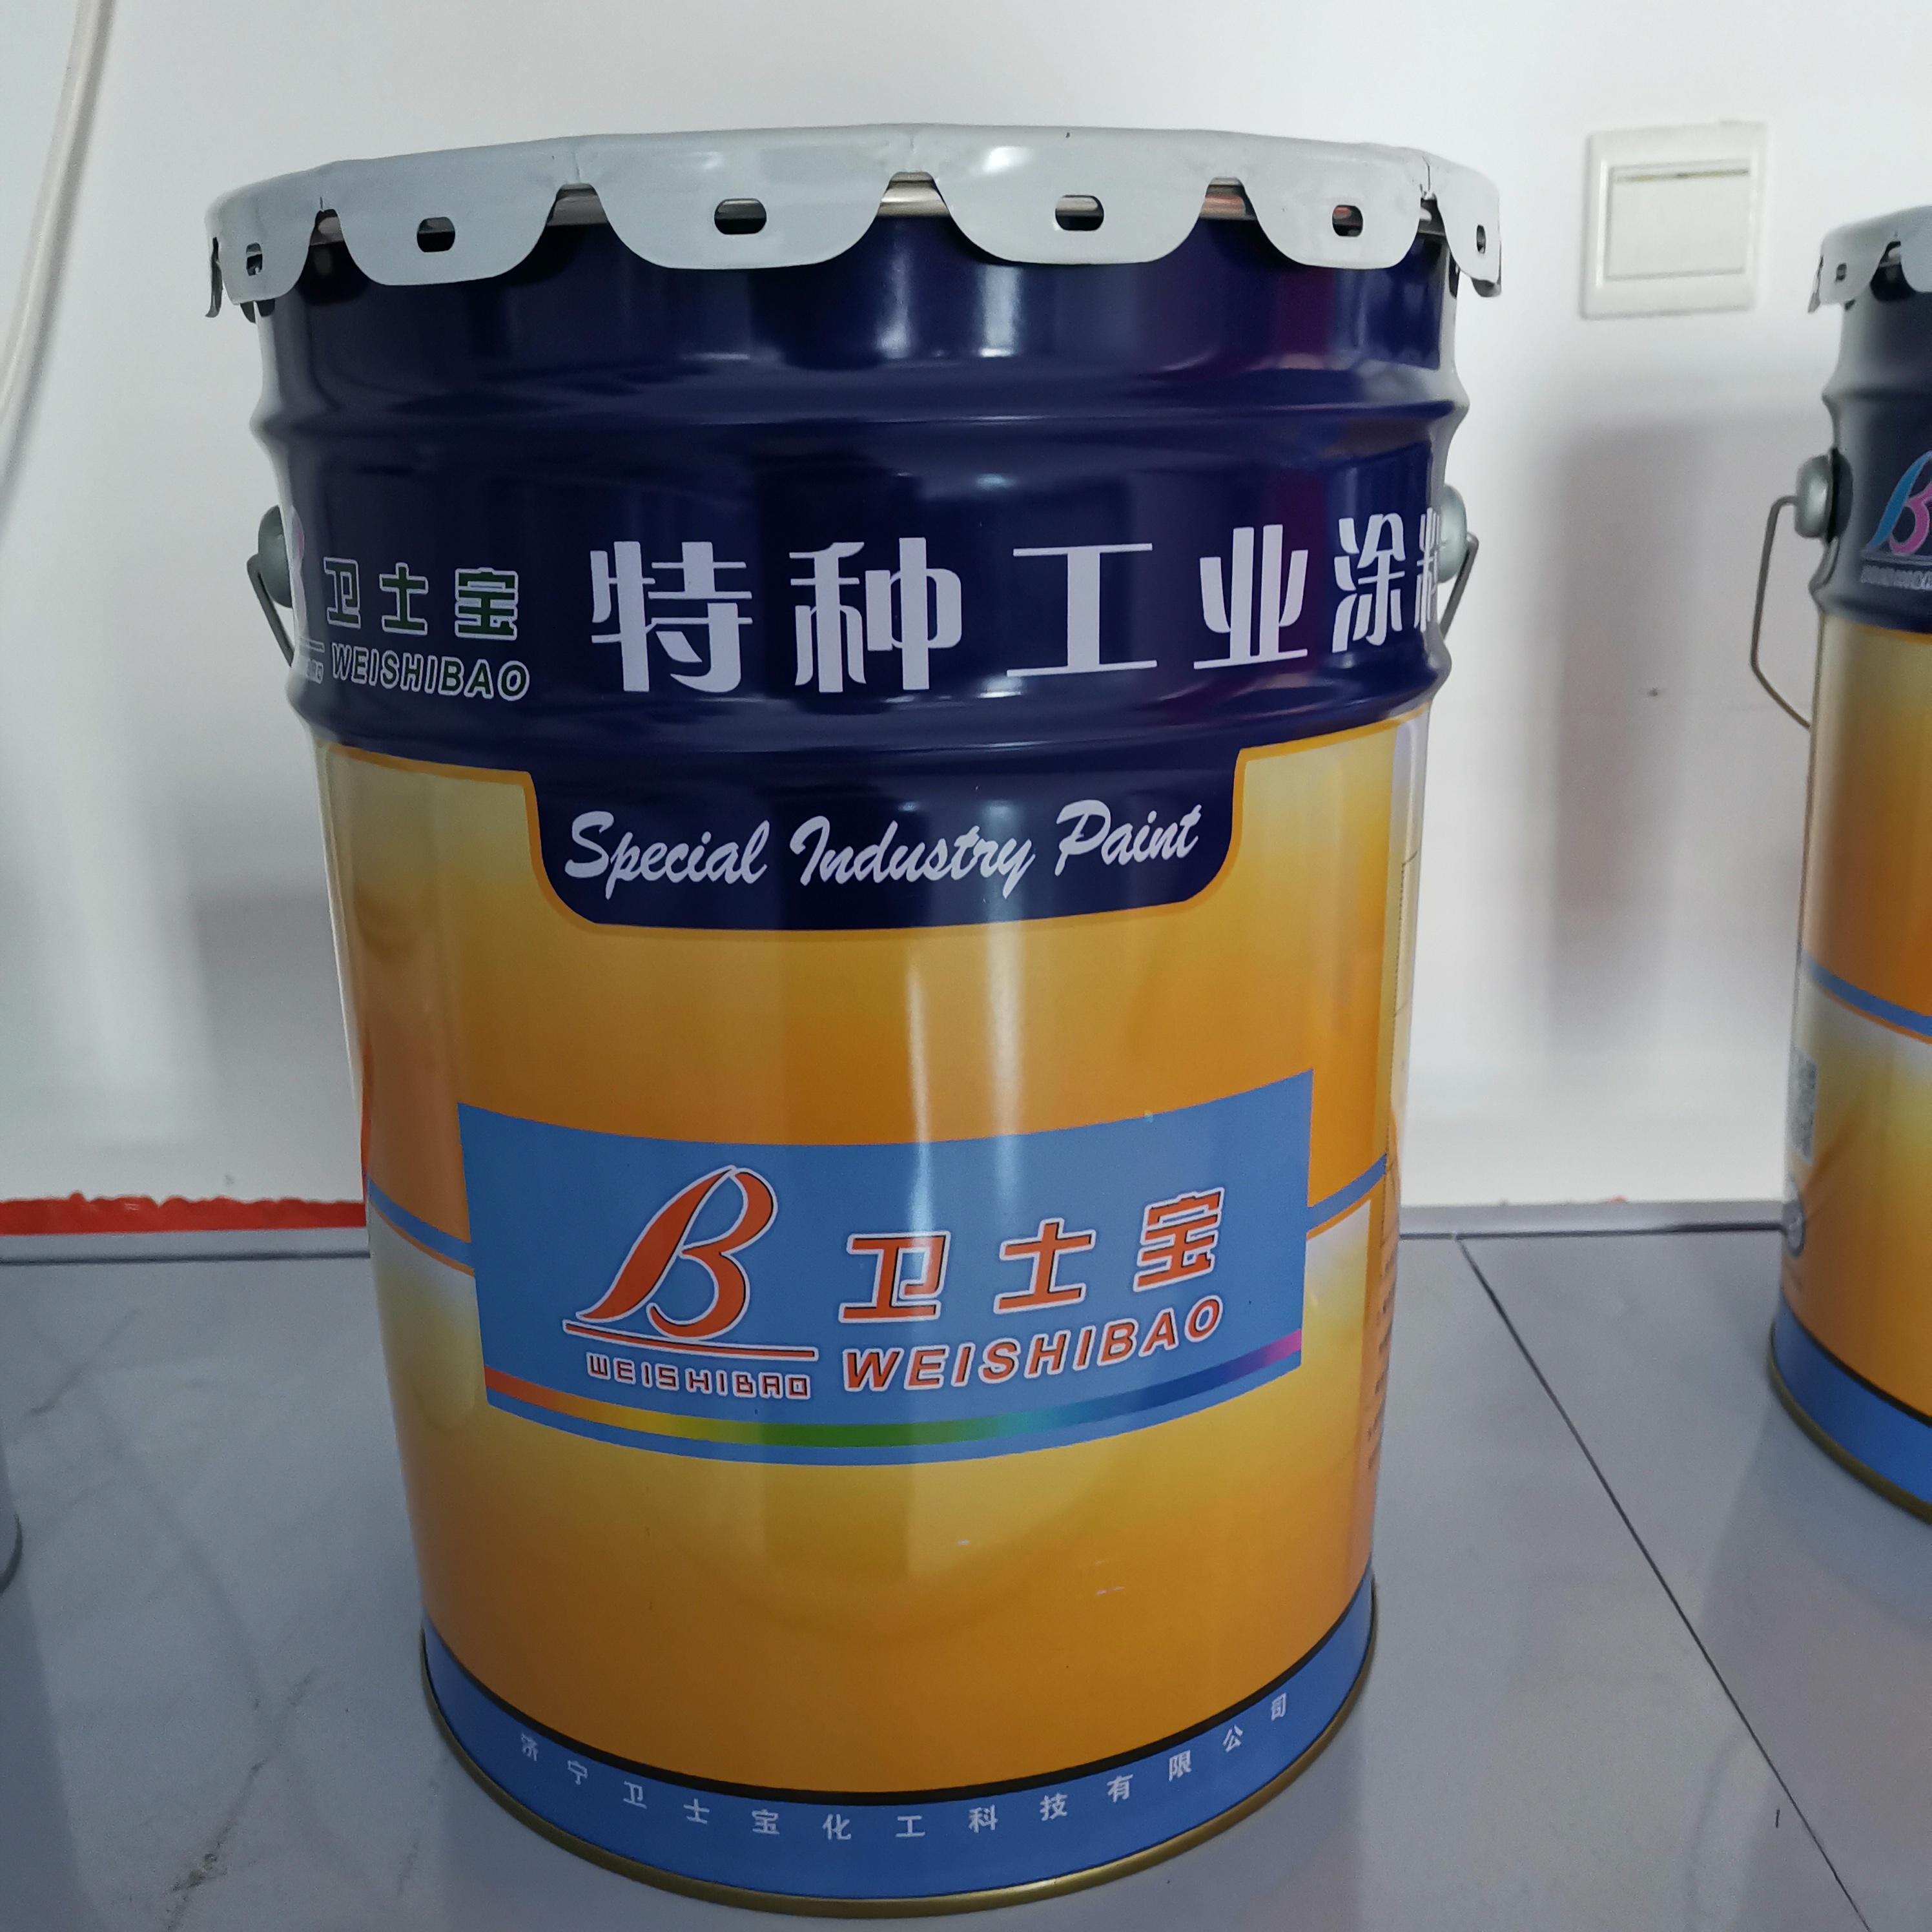 讲解下有机硅耐热高温涂料的知识